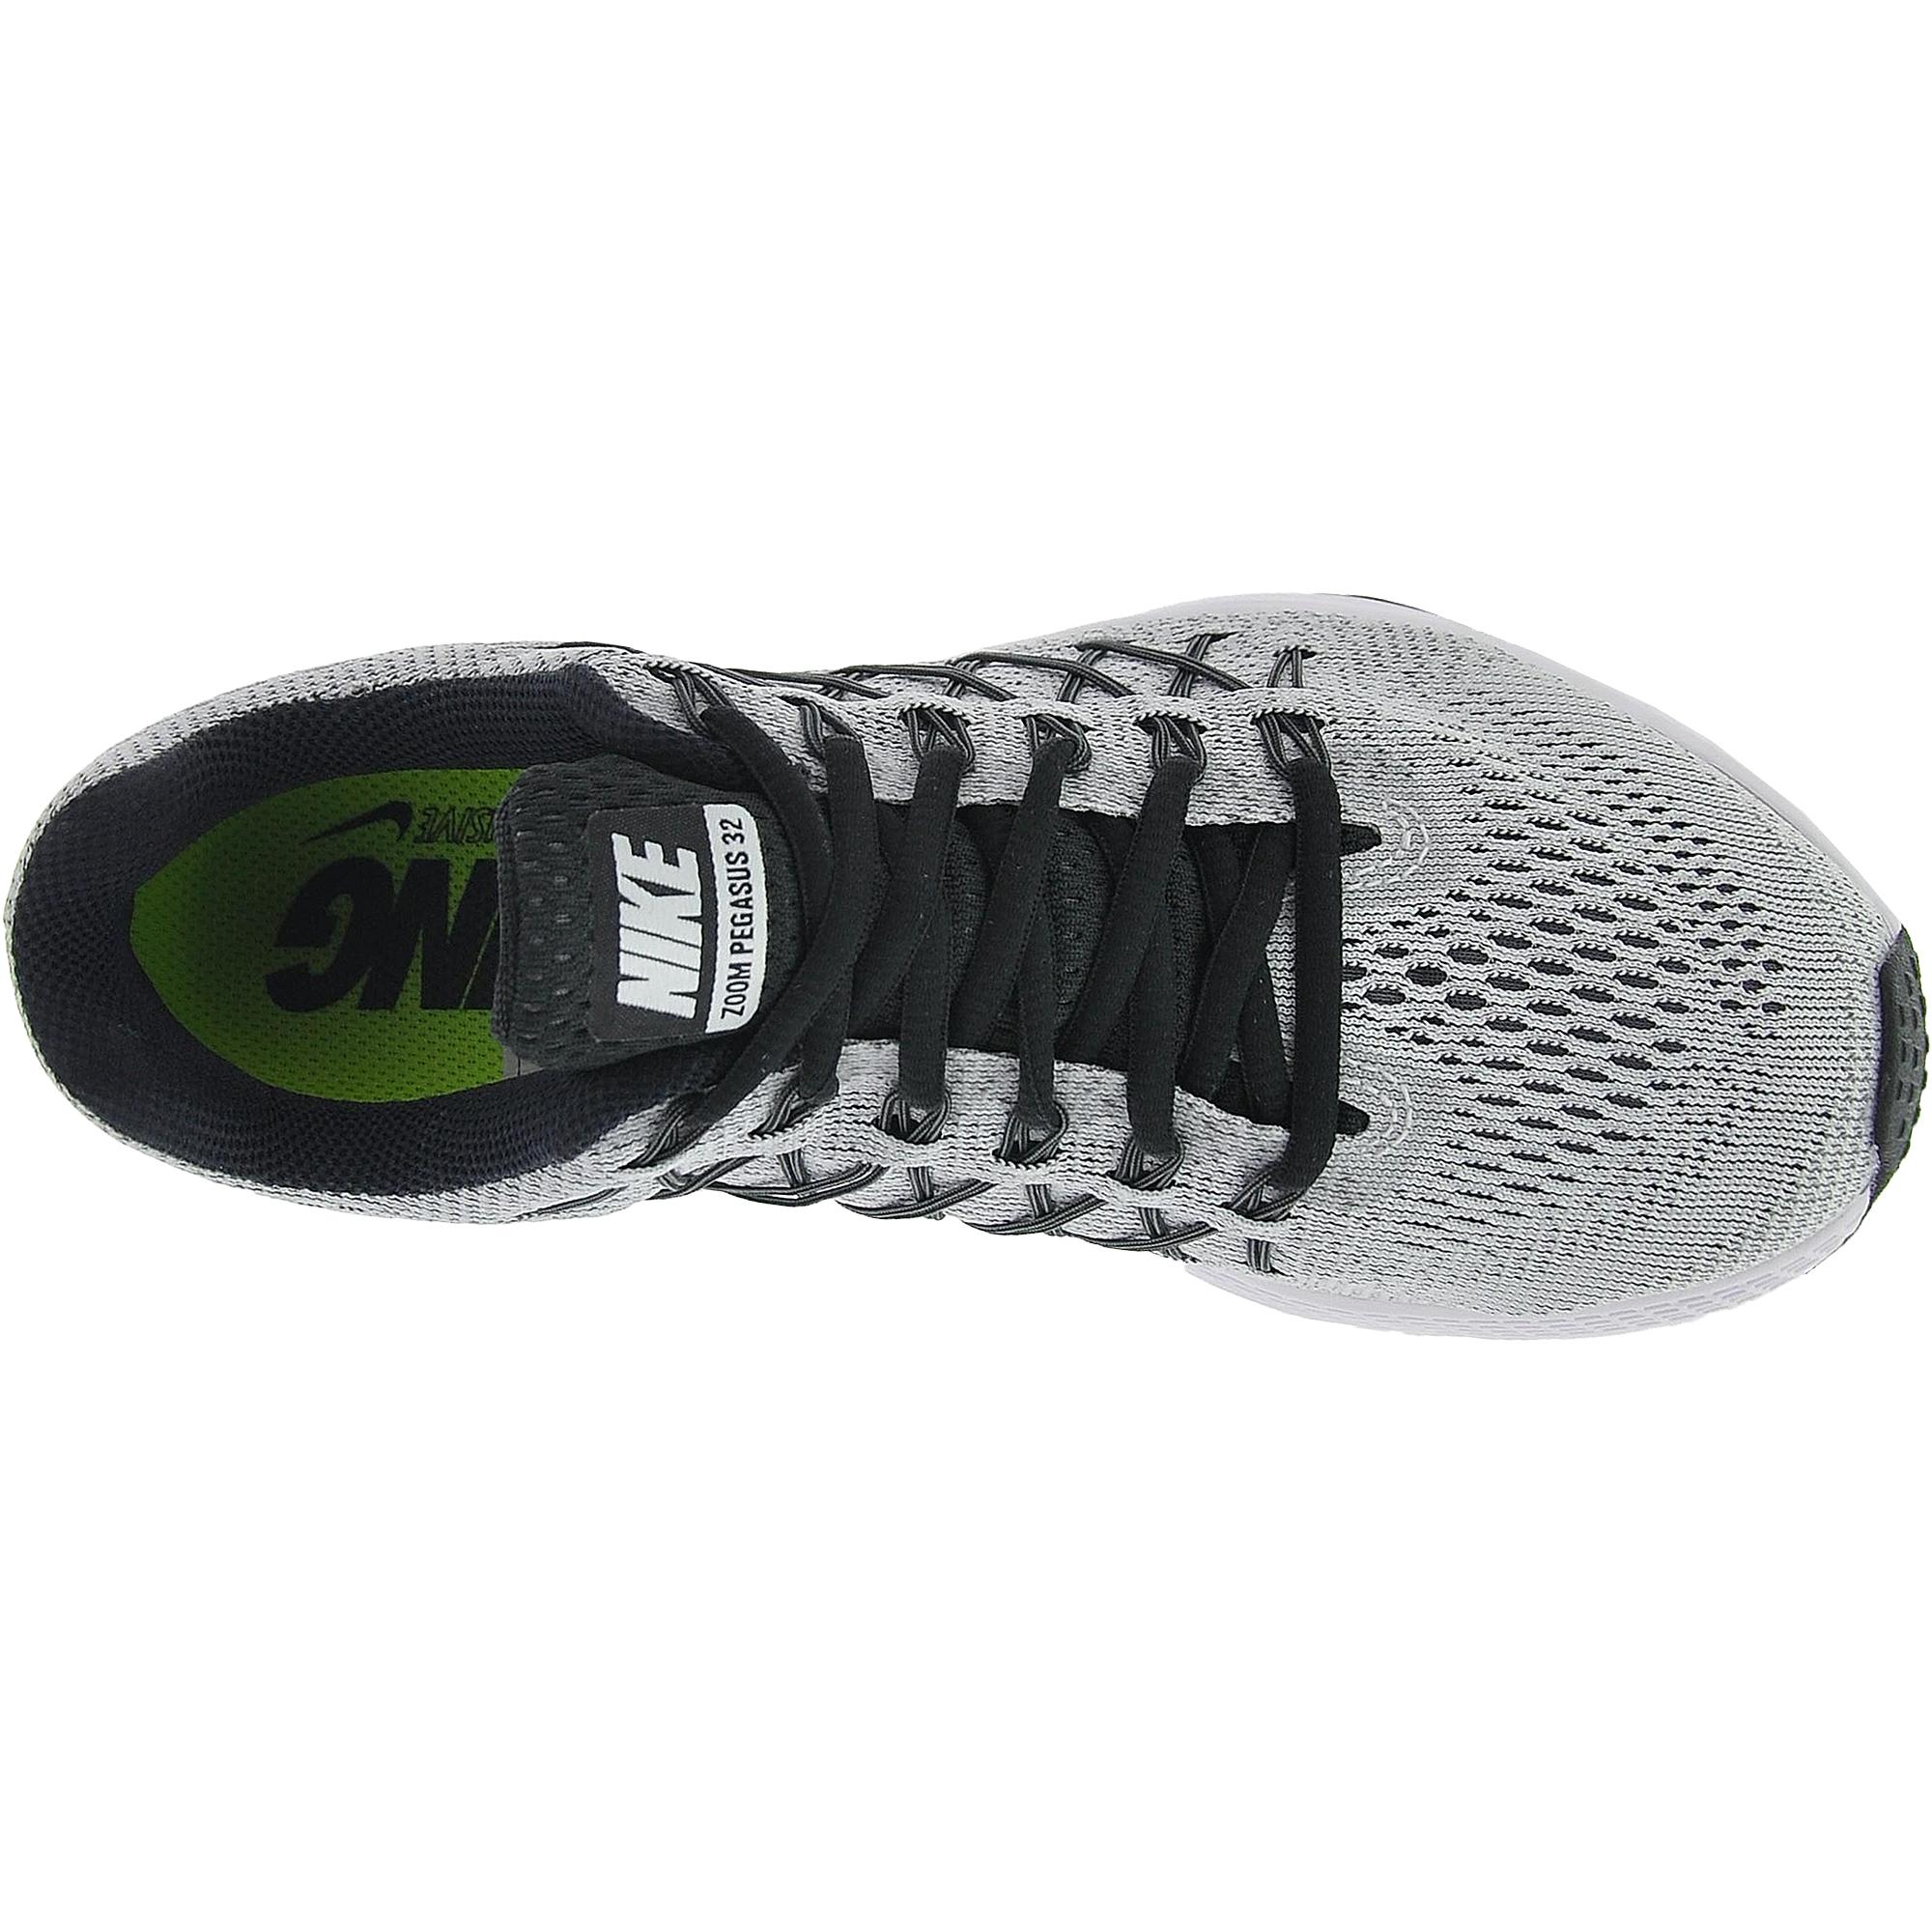 9e32b26bbe372 Nike Air Zoom Pegasus 32 Kadın Spor Ayakkabı  749344-002 - Barcin.com